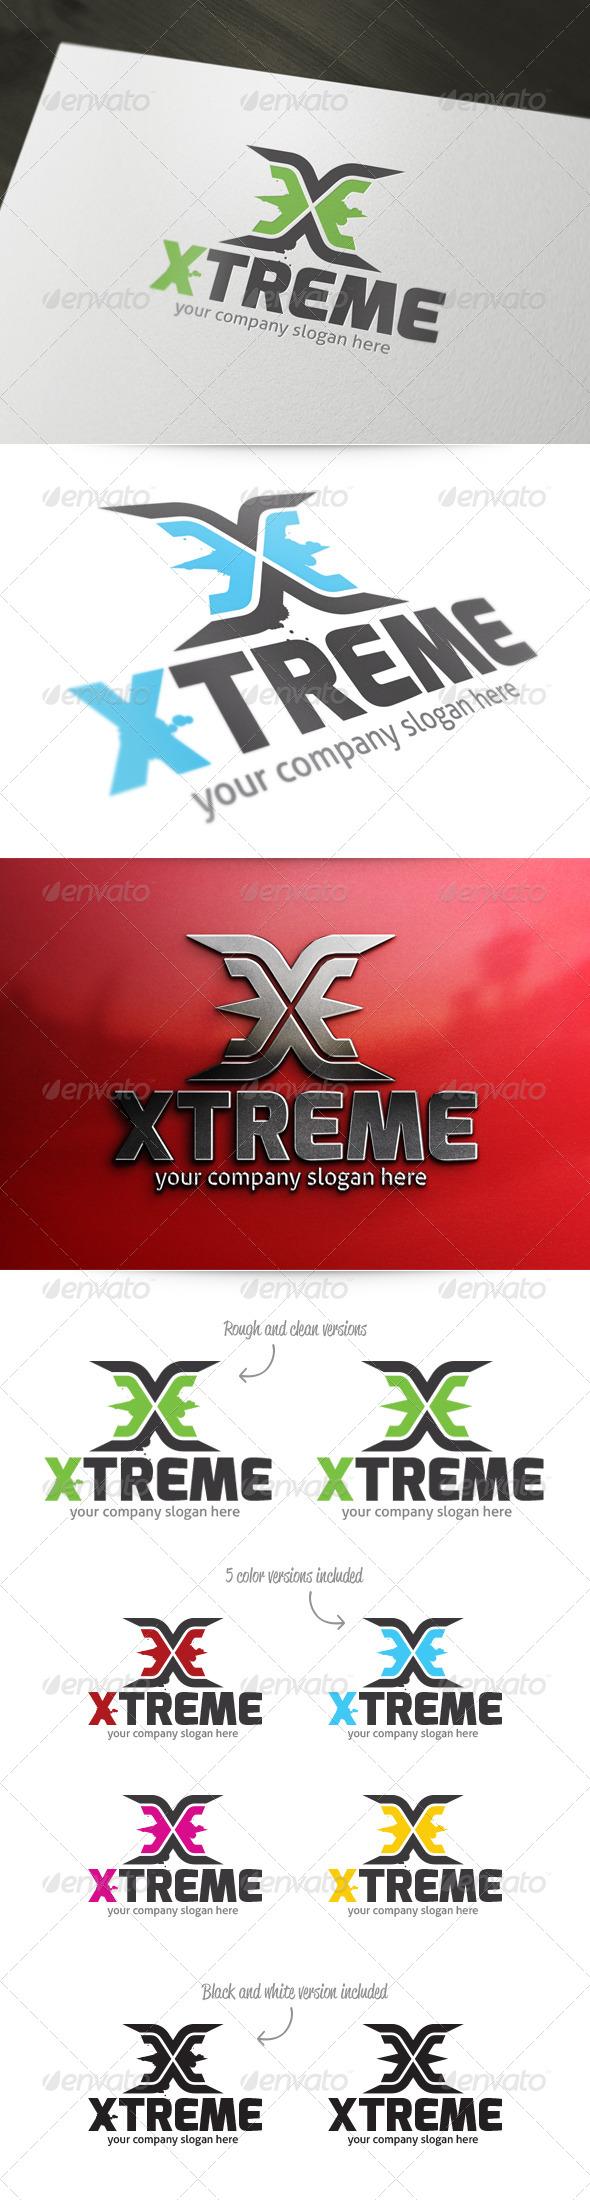 Letter X - Xtreme Logo